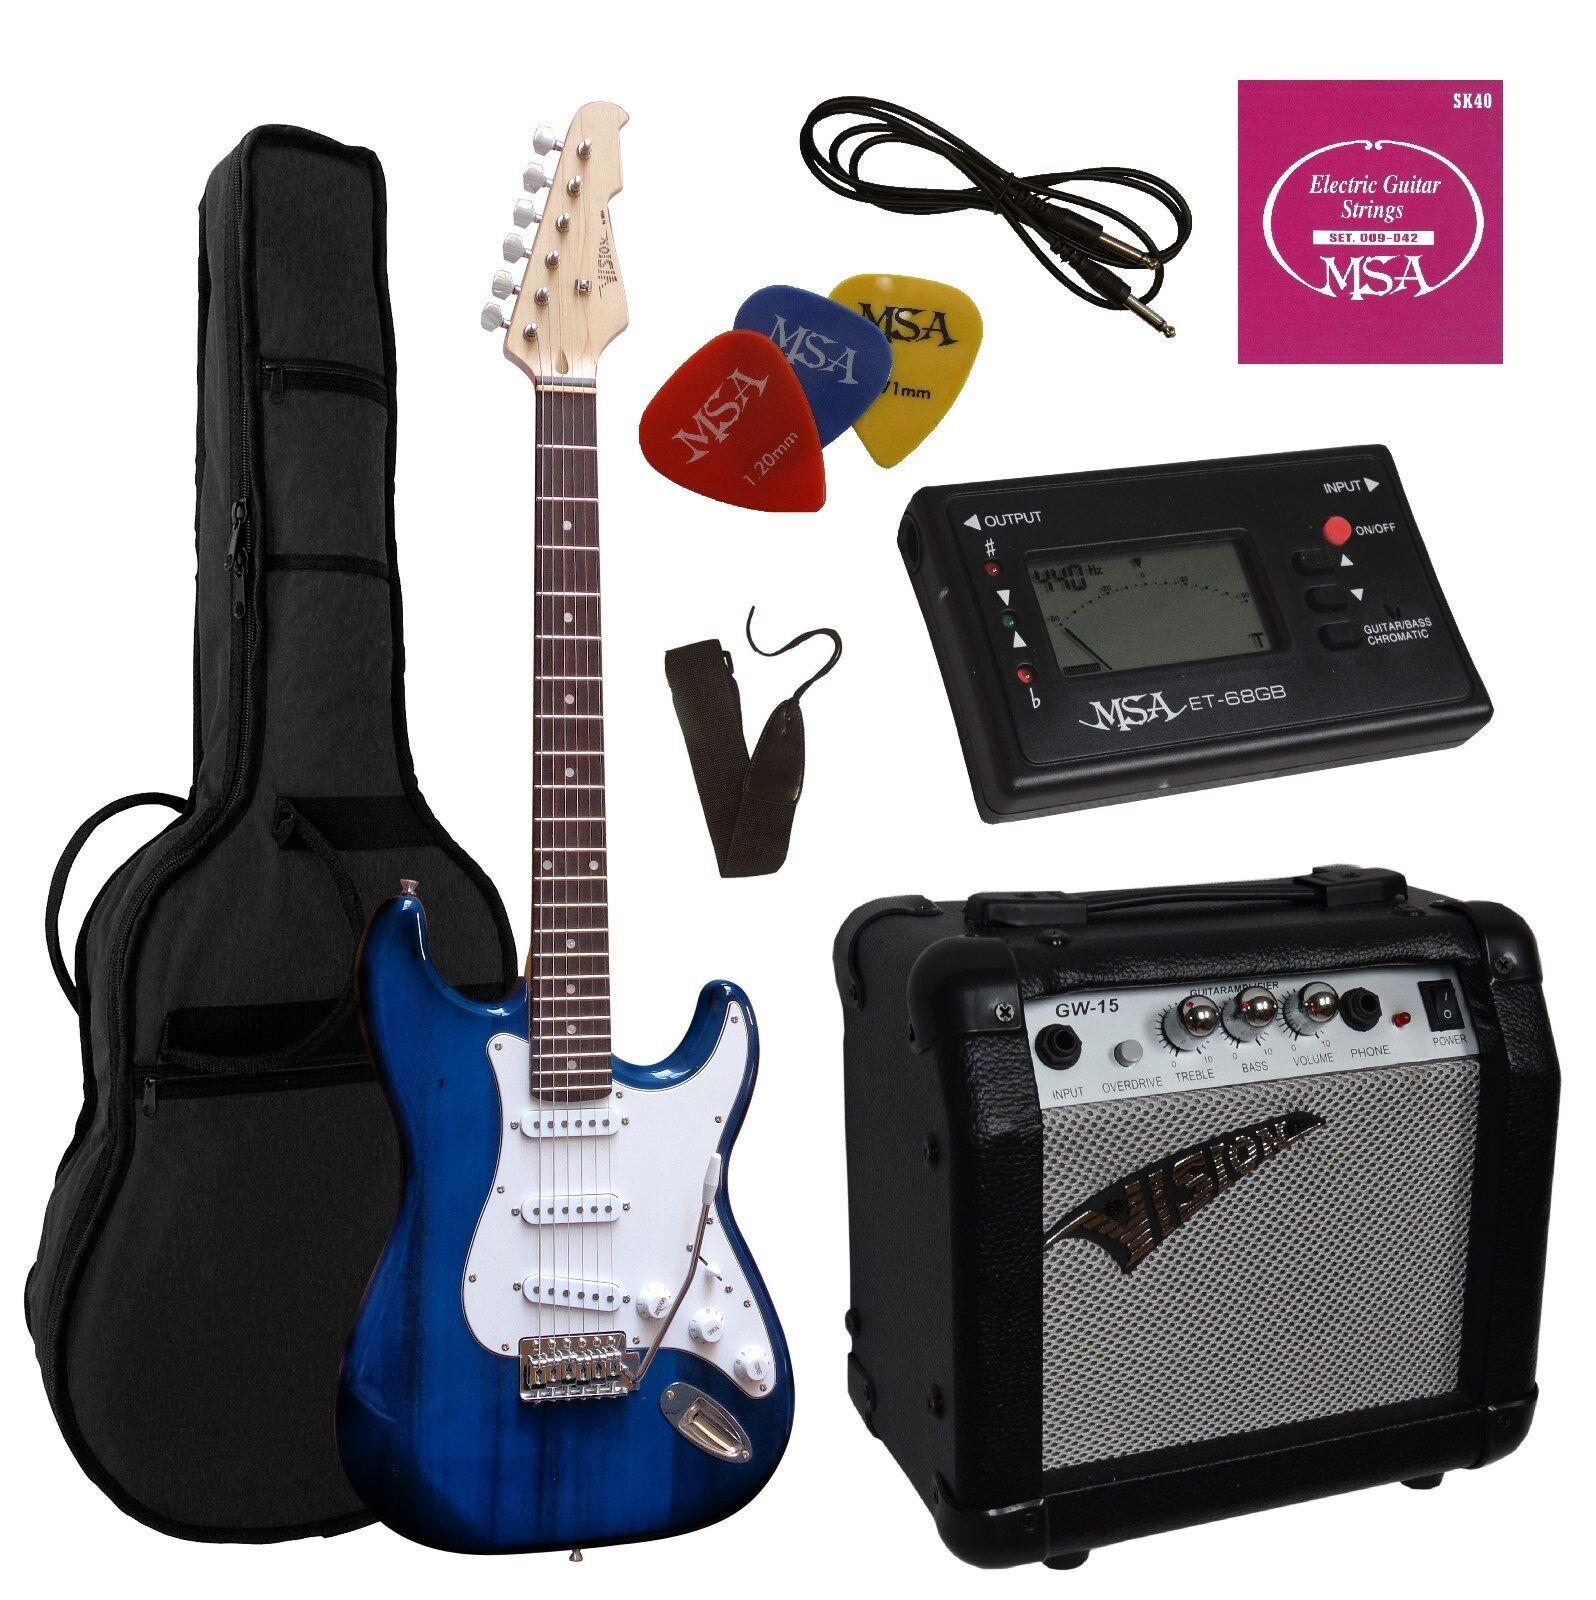 E-Gitarre ST5 dunkelblau, Set - Stimmgerät -Verstärker -Verstärker -Verstärker GW15,Tasche,Band,Kabel 5b57fc